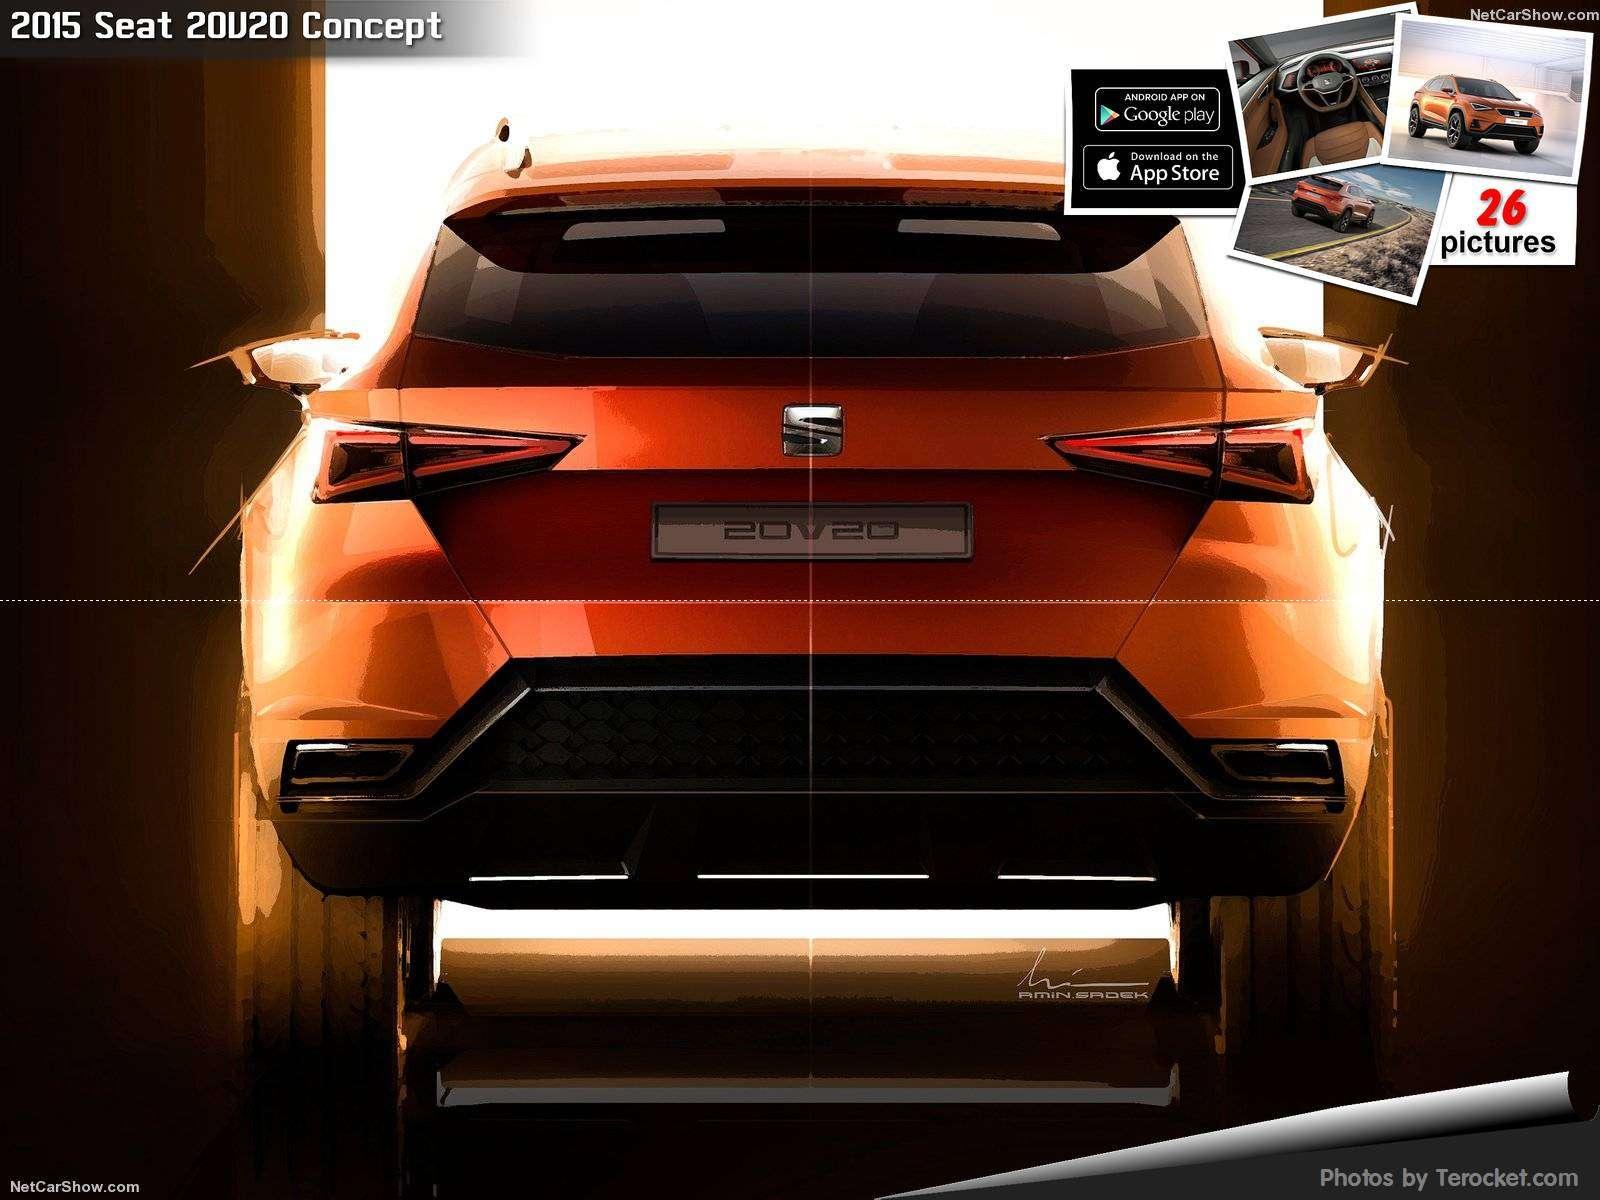 Hình ảnh xe ô tô Seat 20V20 Concept 2015 & nội ngoại thất